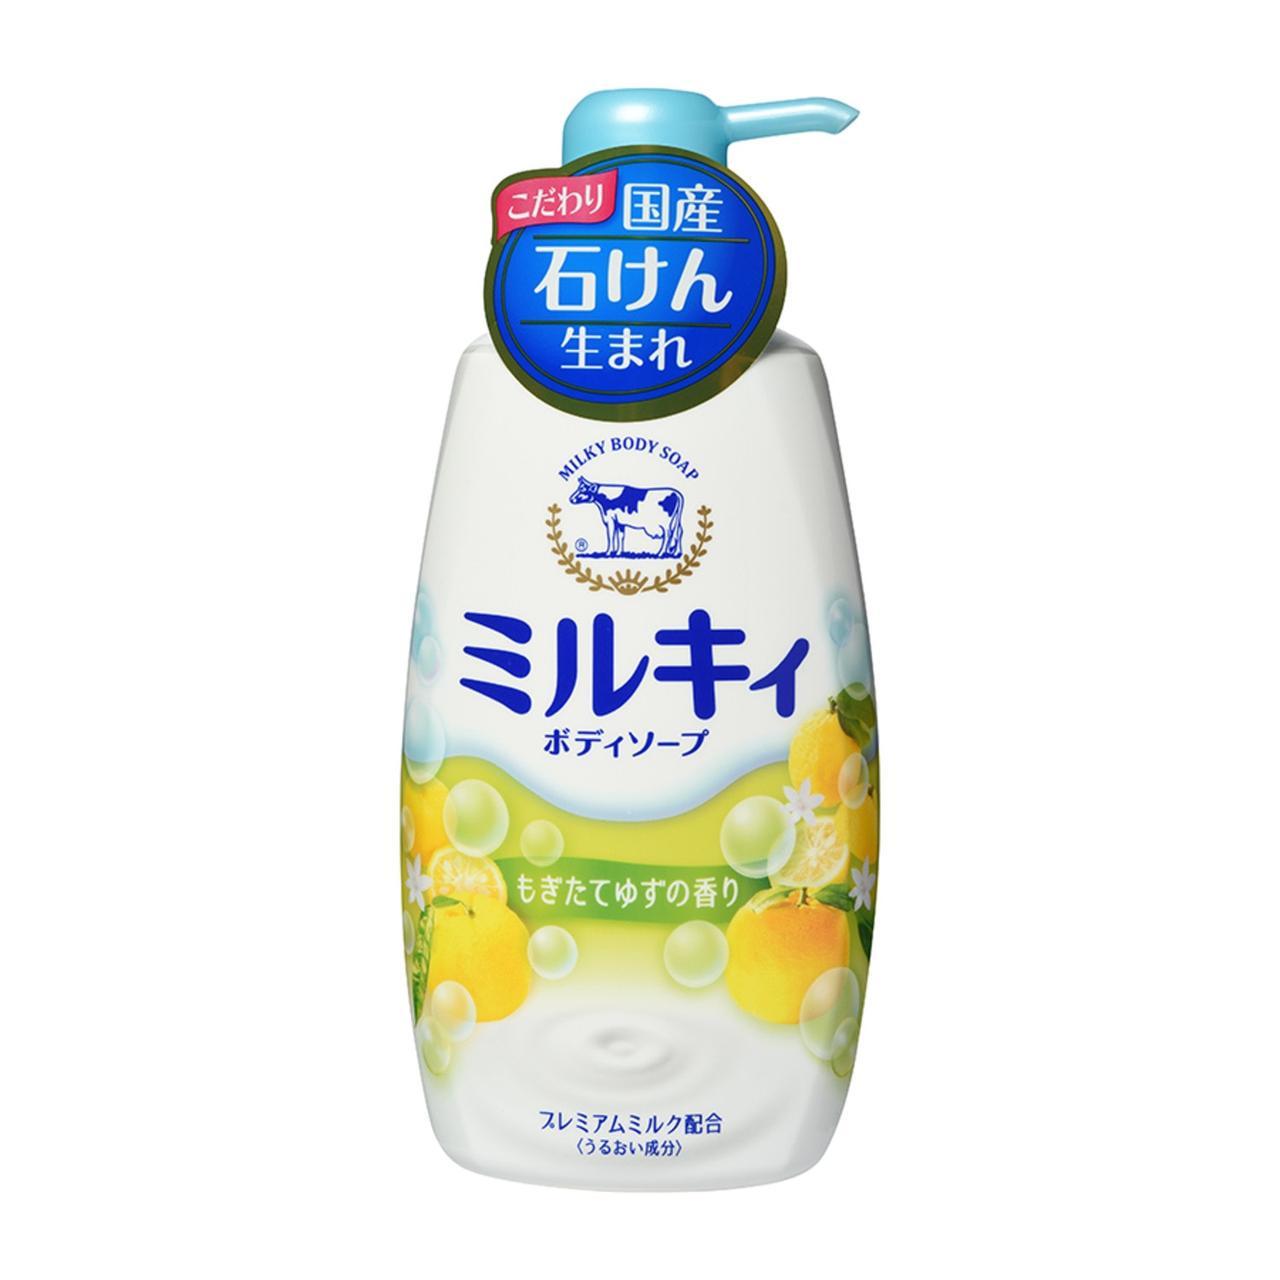 """Молочное жидкое мыло для тела Cow """"Milky Body Soap"""" нежный цитрусовый аромат 550 мл (006330)"""